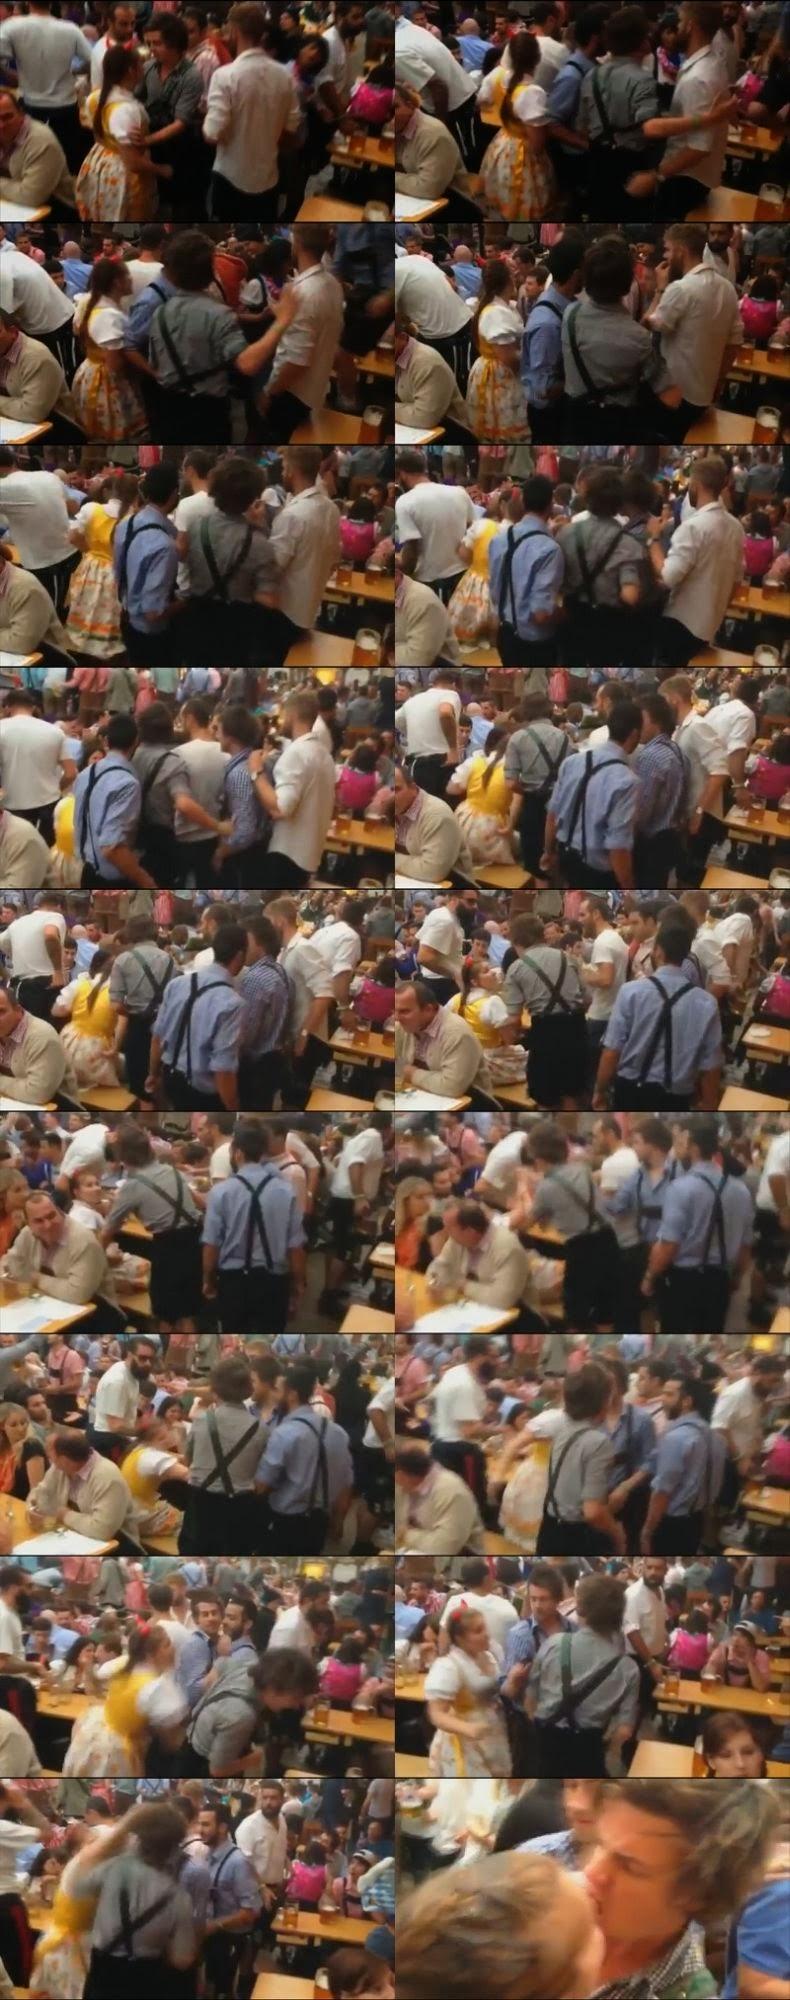 オクトーバーフェストで女性が嫌がらせしてきた男性の唇を噛み切る